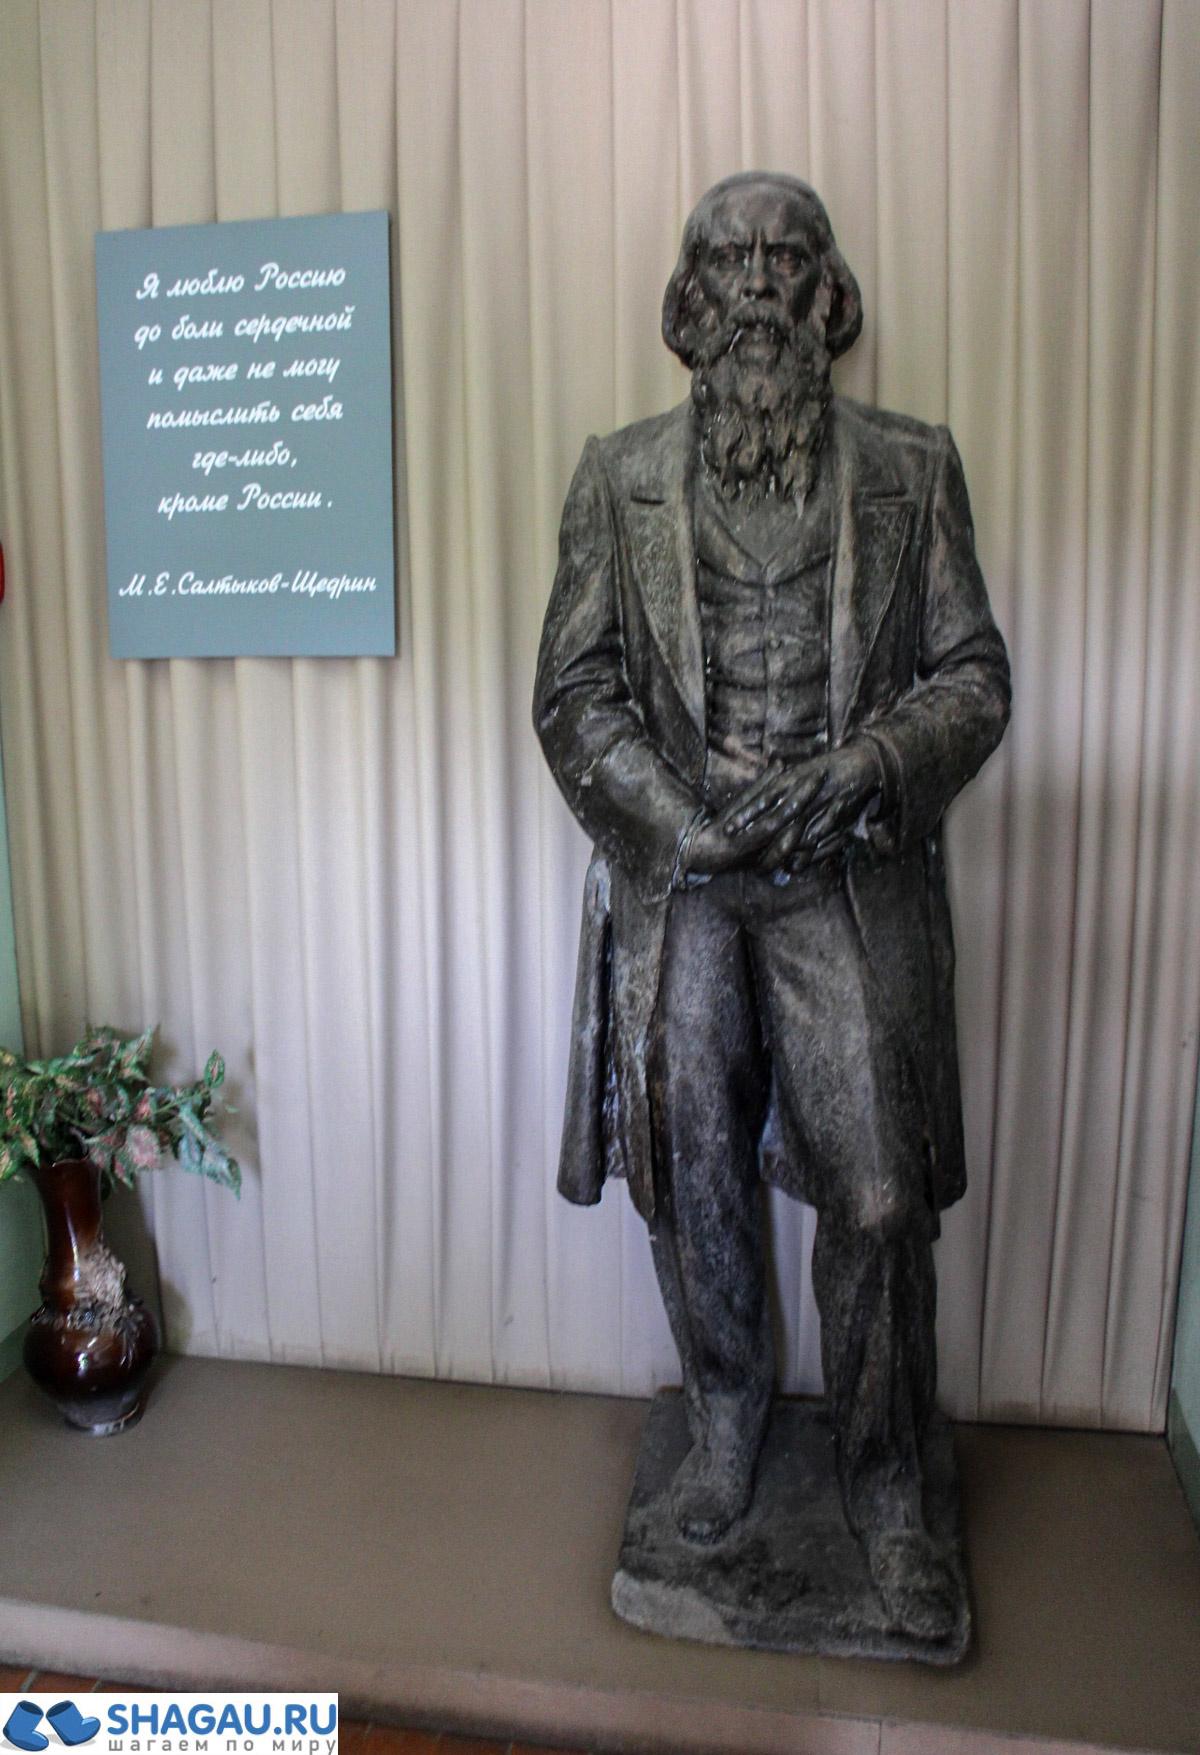 Здание музея Салтыкова-Щедрина в Твери